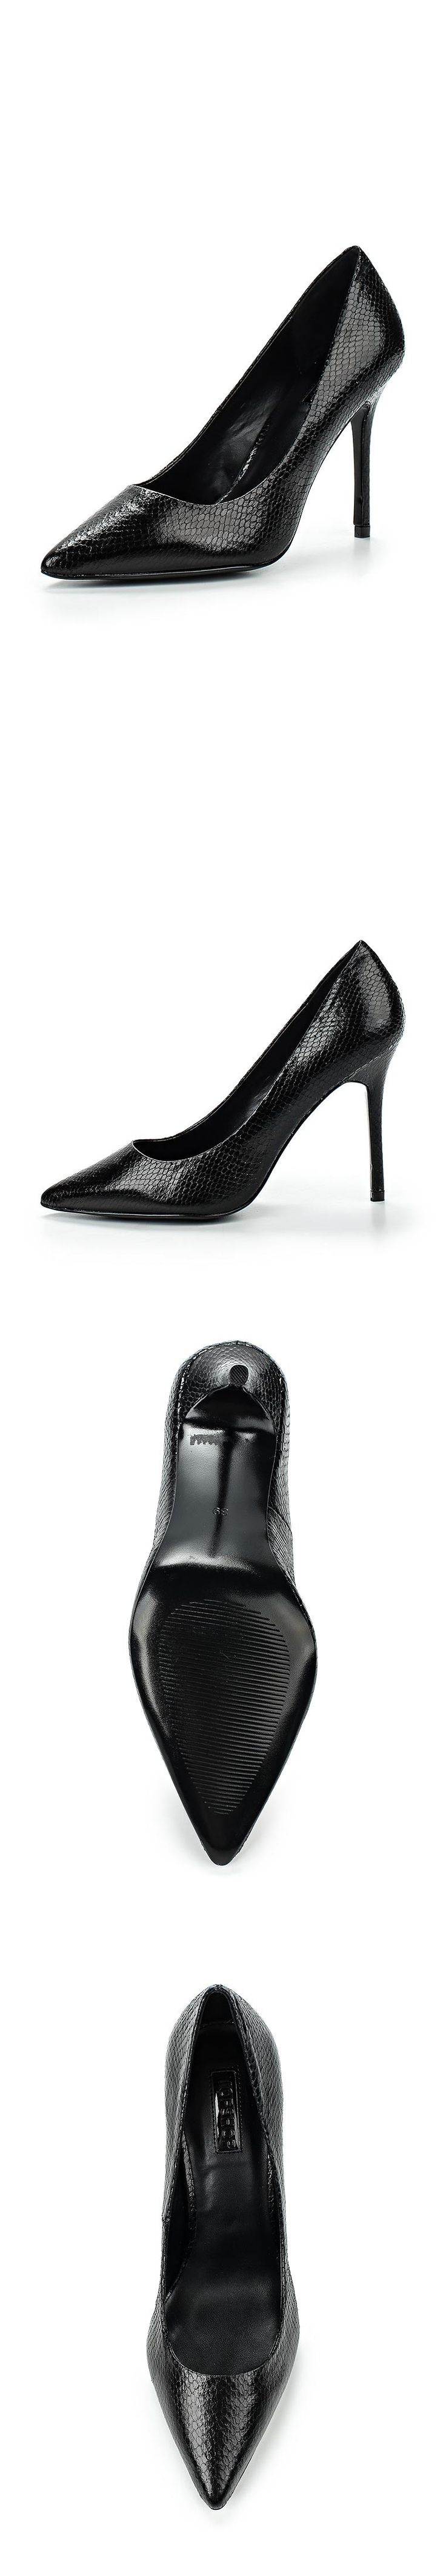 Женская обувь туфли Topshop за 3050.00 руб.